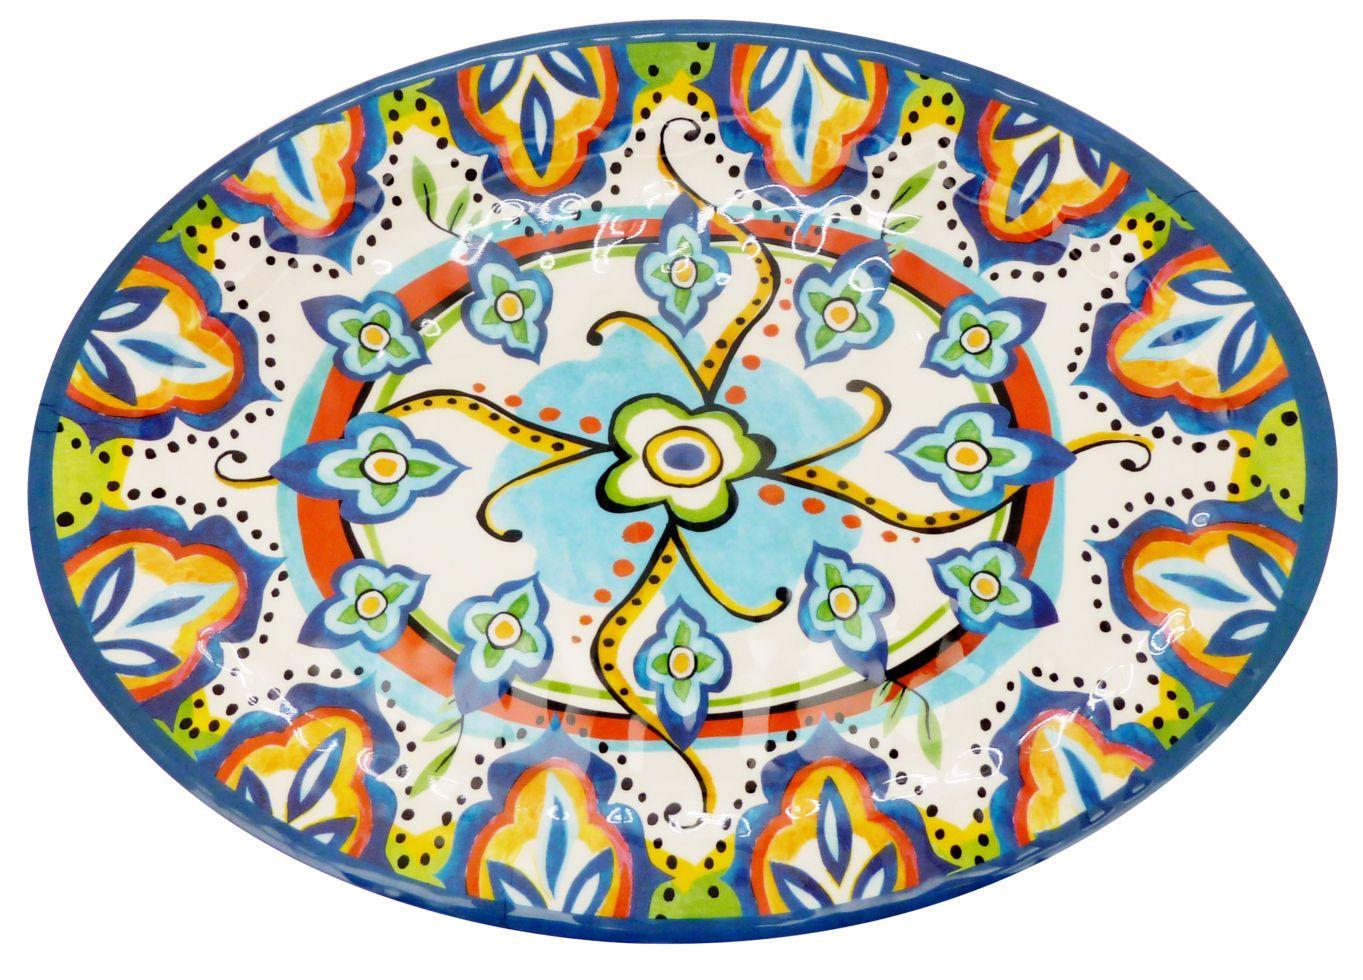 Travessa Oval Rasa Melamina 50x36 cm Etnica